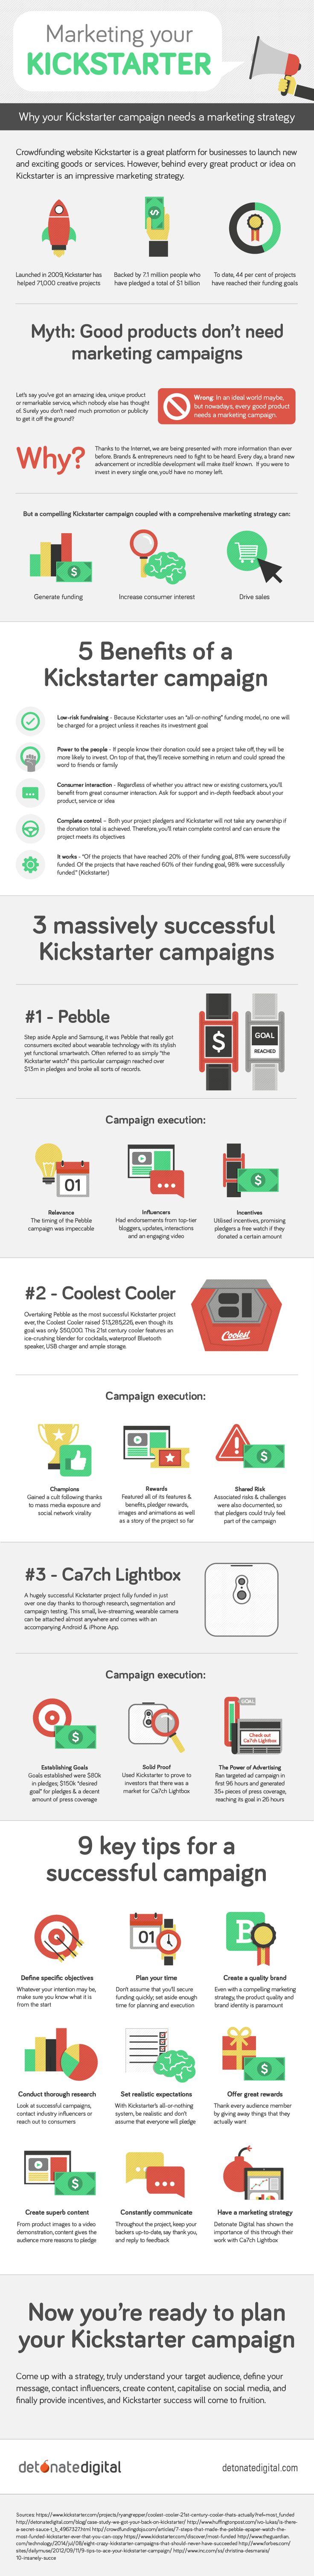 5 benefits of a Kickstarter campaign